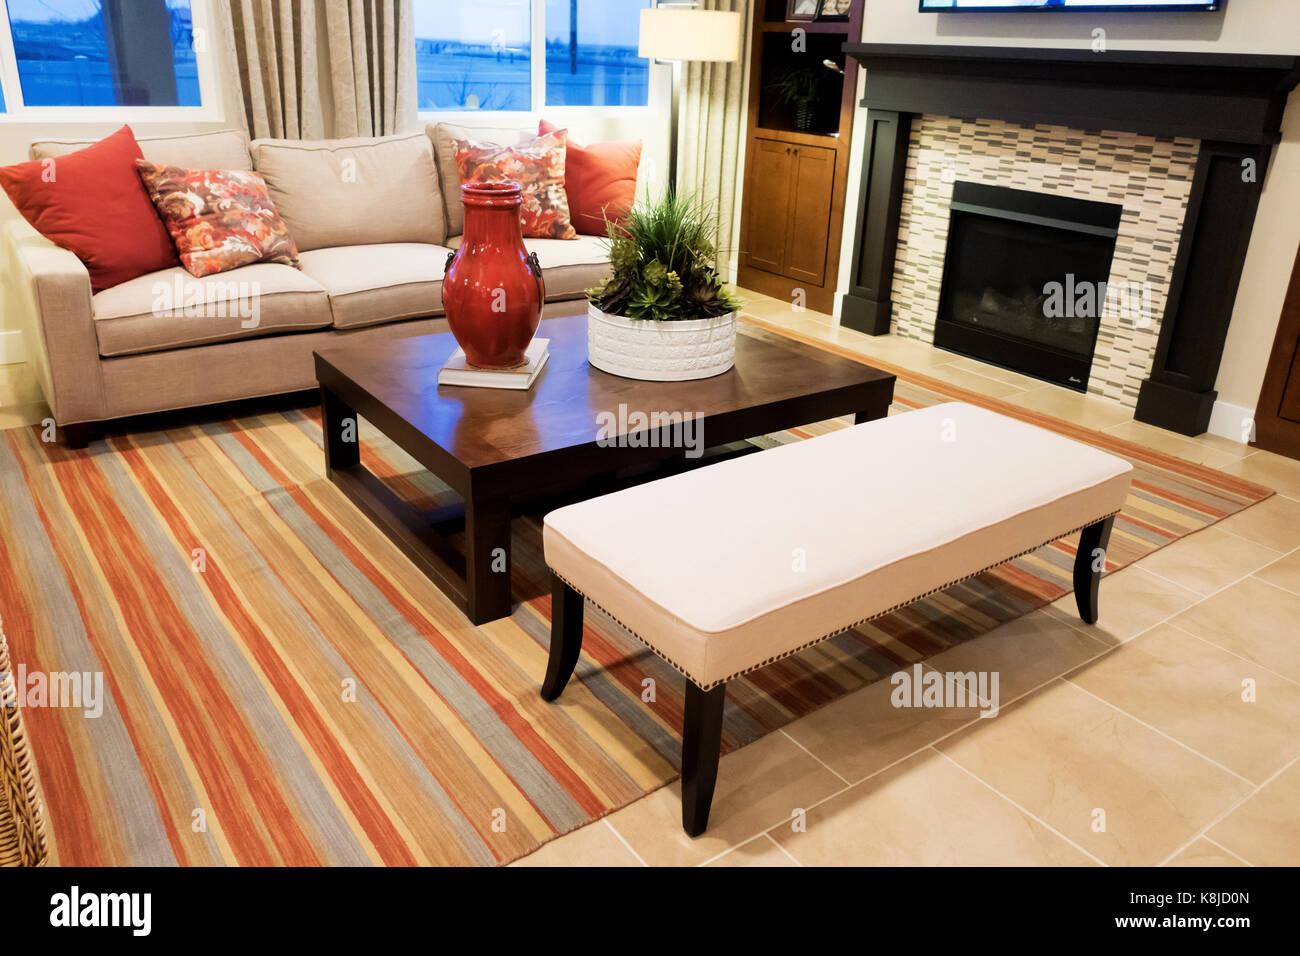 Camino Bianco In Pietra : Un soggiorno con un divano bianco un acero tavolo laterale e un